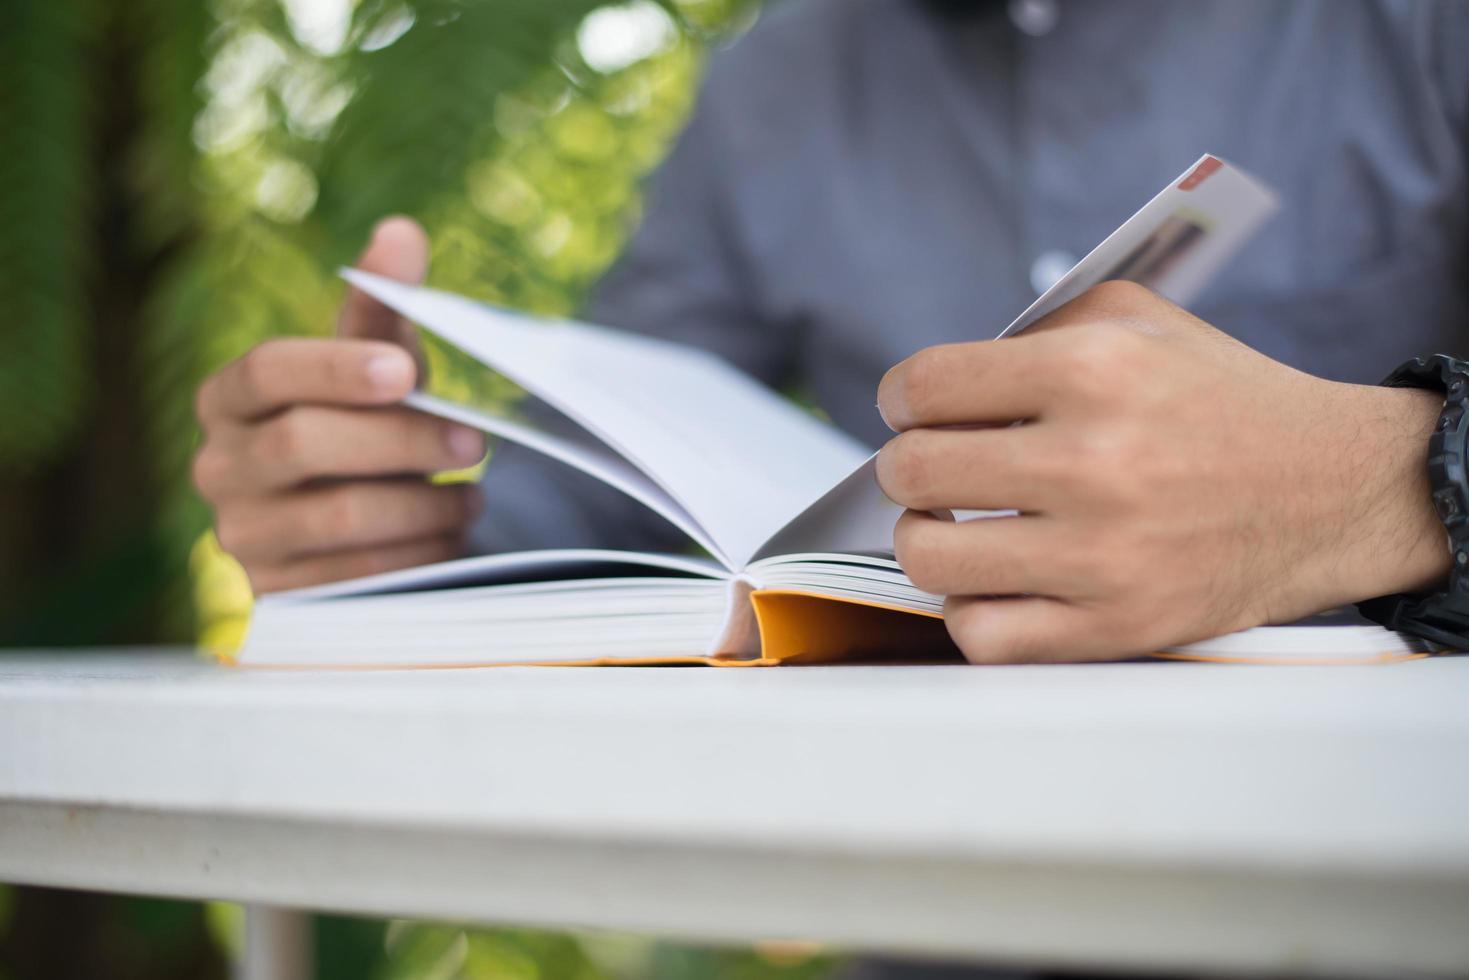 jonge man lezen van boeken in eigen tuin met de natuur foto